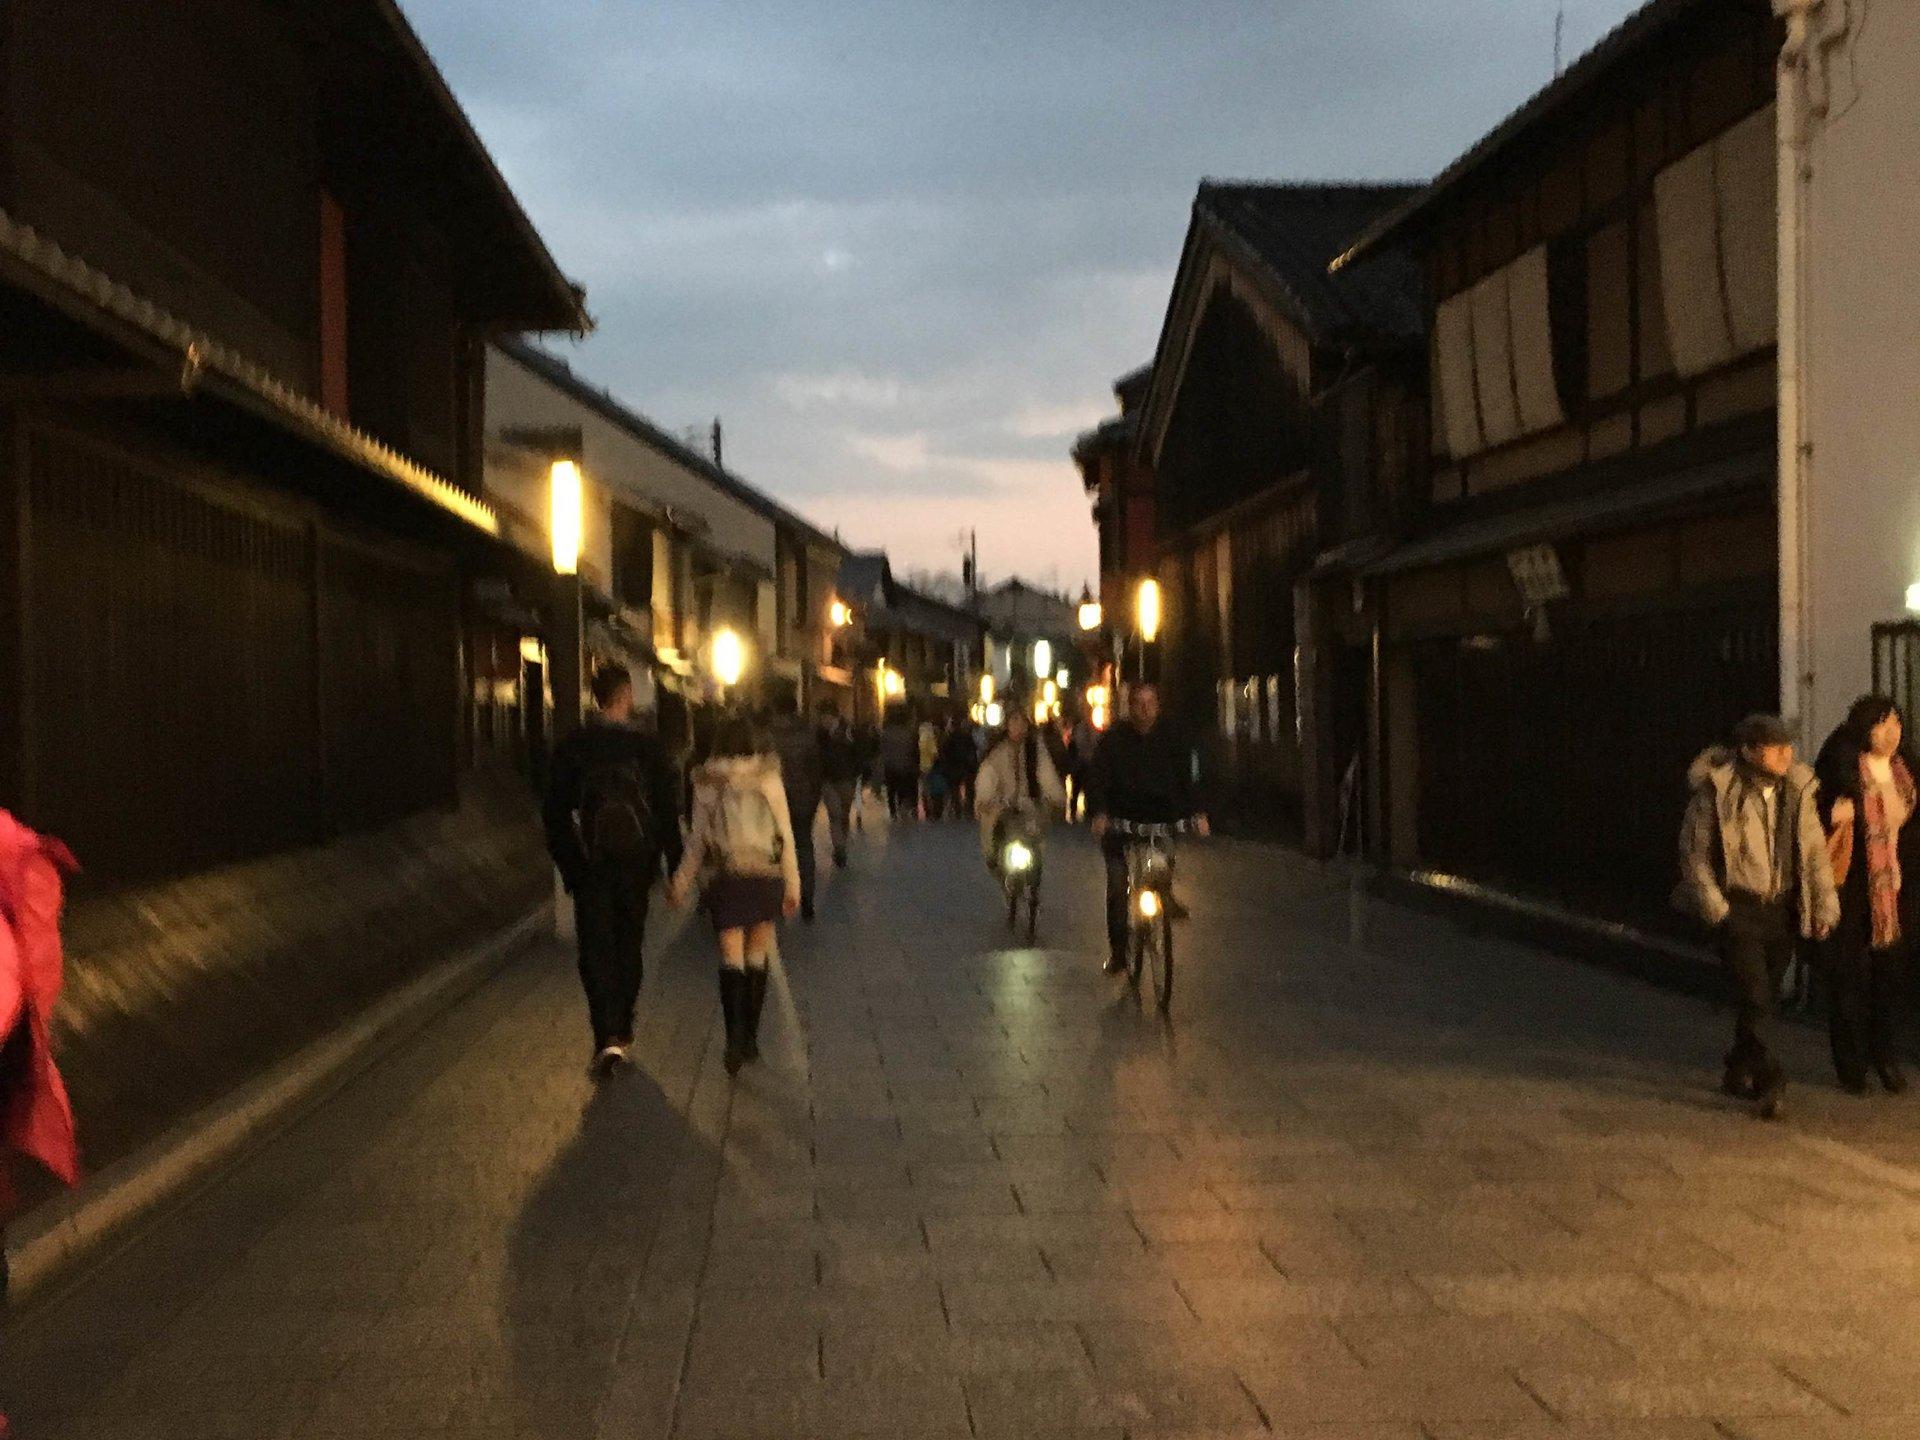 【京都・祇園のコスパ最高ディナー♪】3000円以下で20品目の絶品京料理を味わおう!